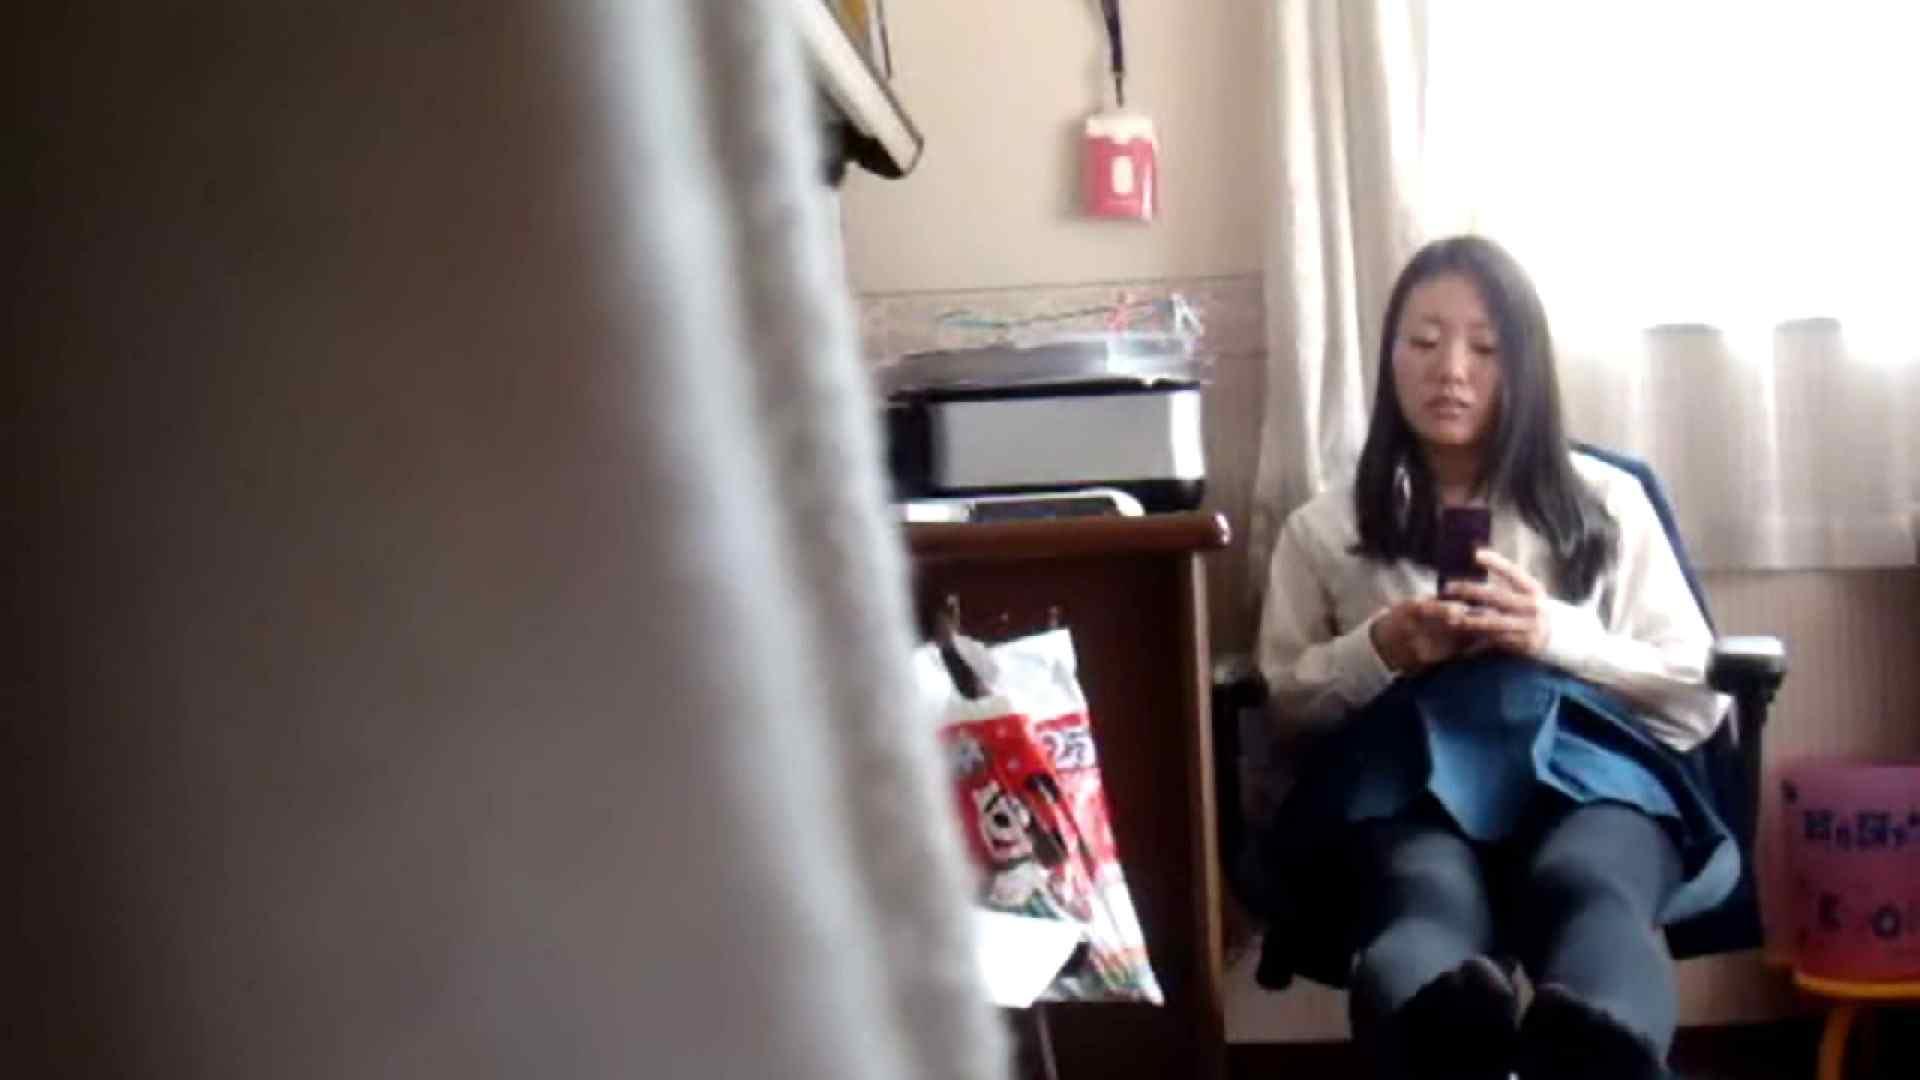 アダルトエロ動画|vol.4 まどかの帰宅後の部屋、ベッドで何かが始まります。|怪盗ジョーカー